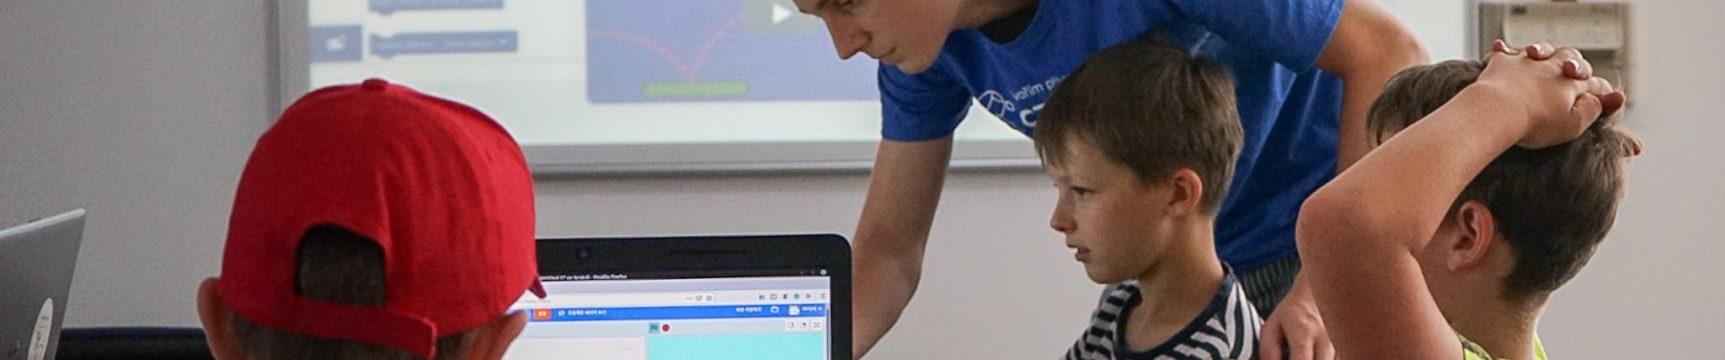 Vyhodnocení Strategie digitálního vzdělávání do roku 2020